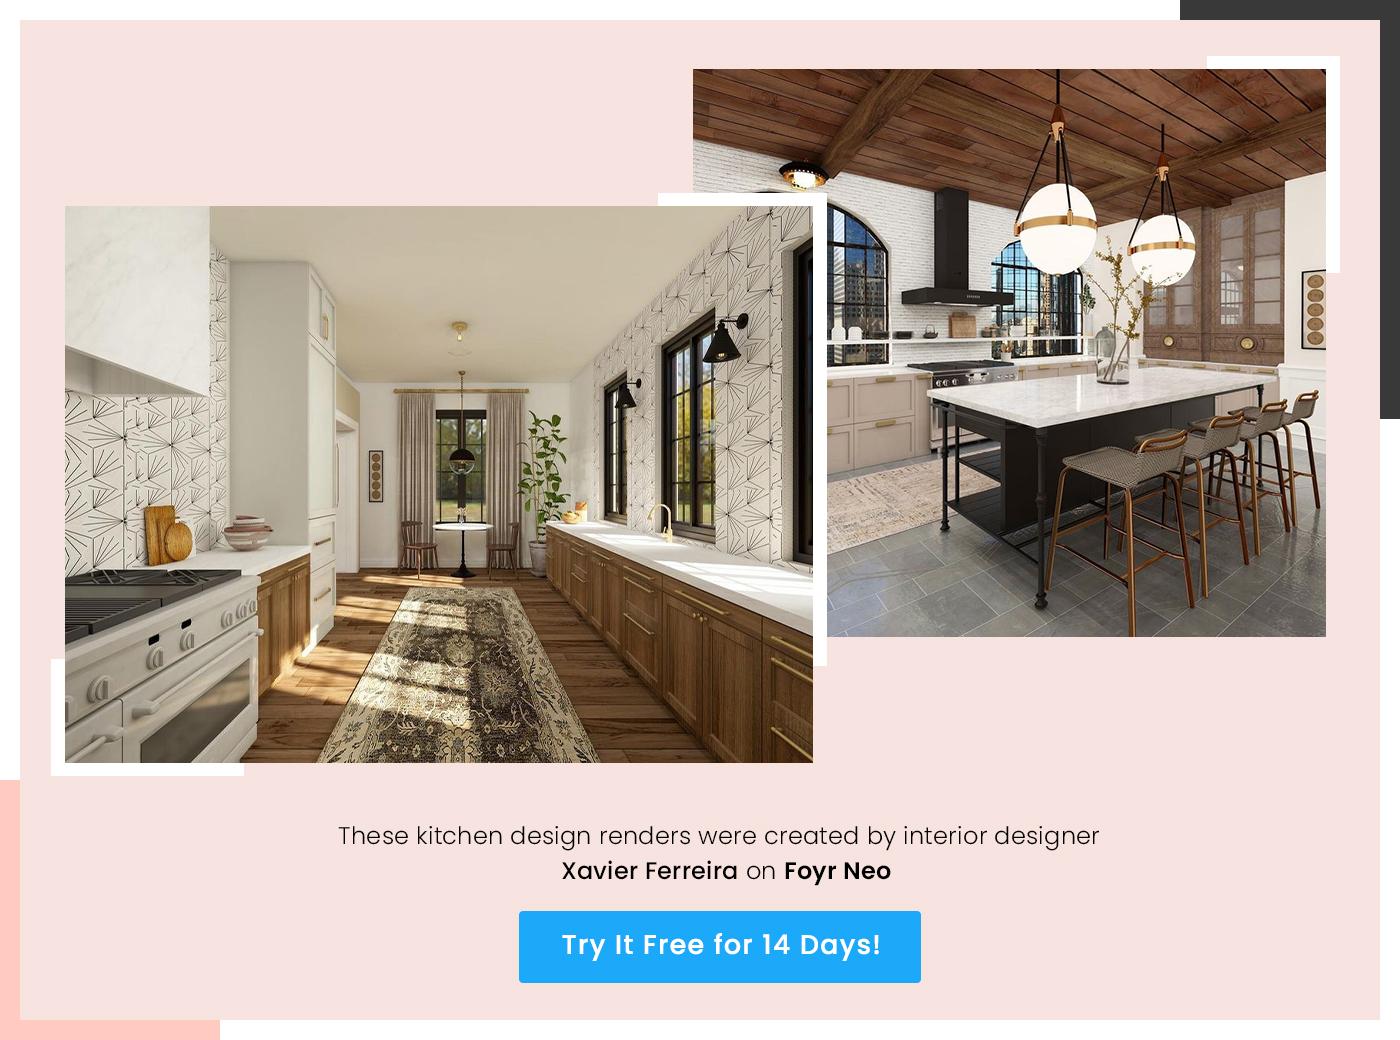 kitchen design render by xavier ferreira